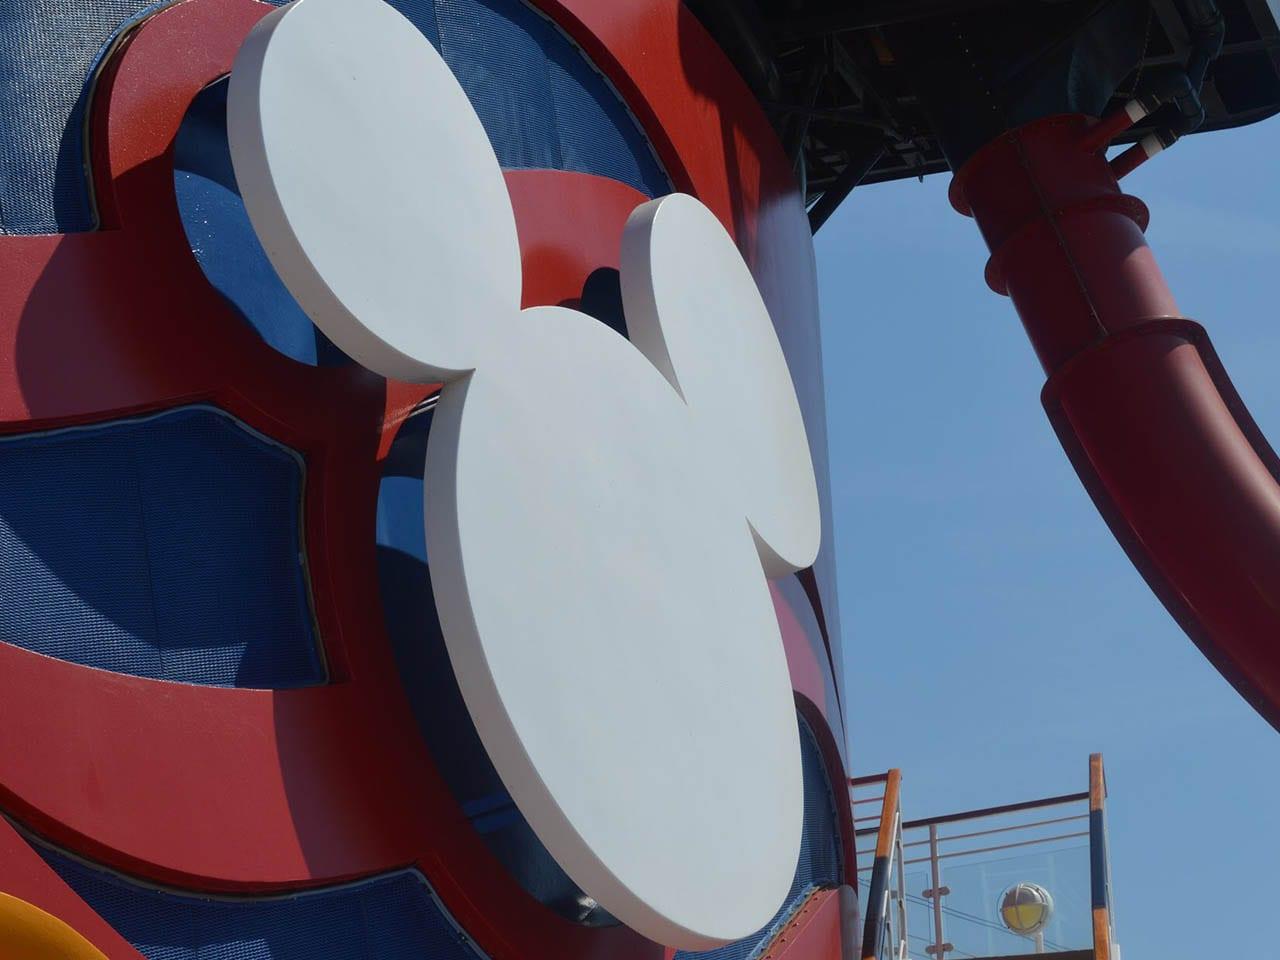 Gros zoom sur l'immense tête de Mickey présente sur les cheminées, Disney cruise line, bateau Disney